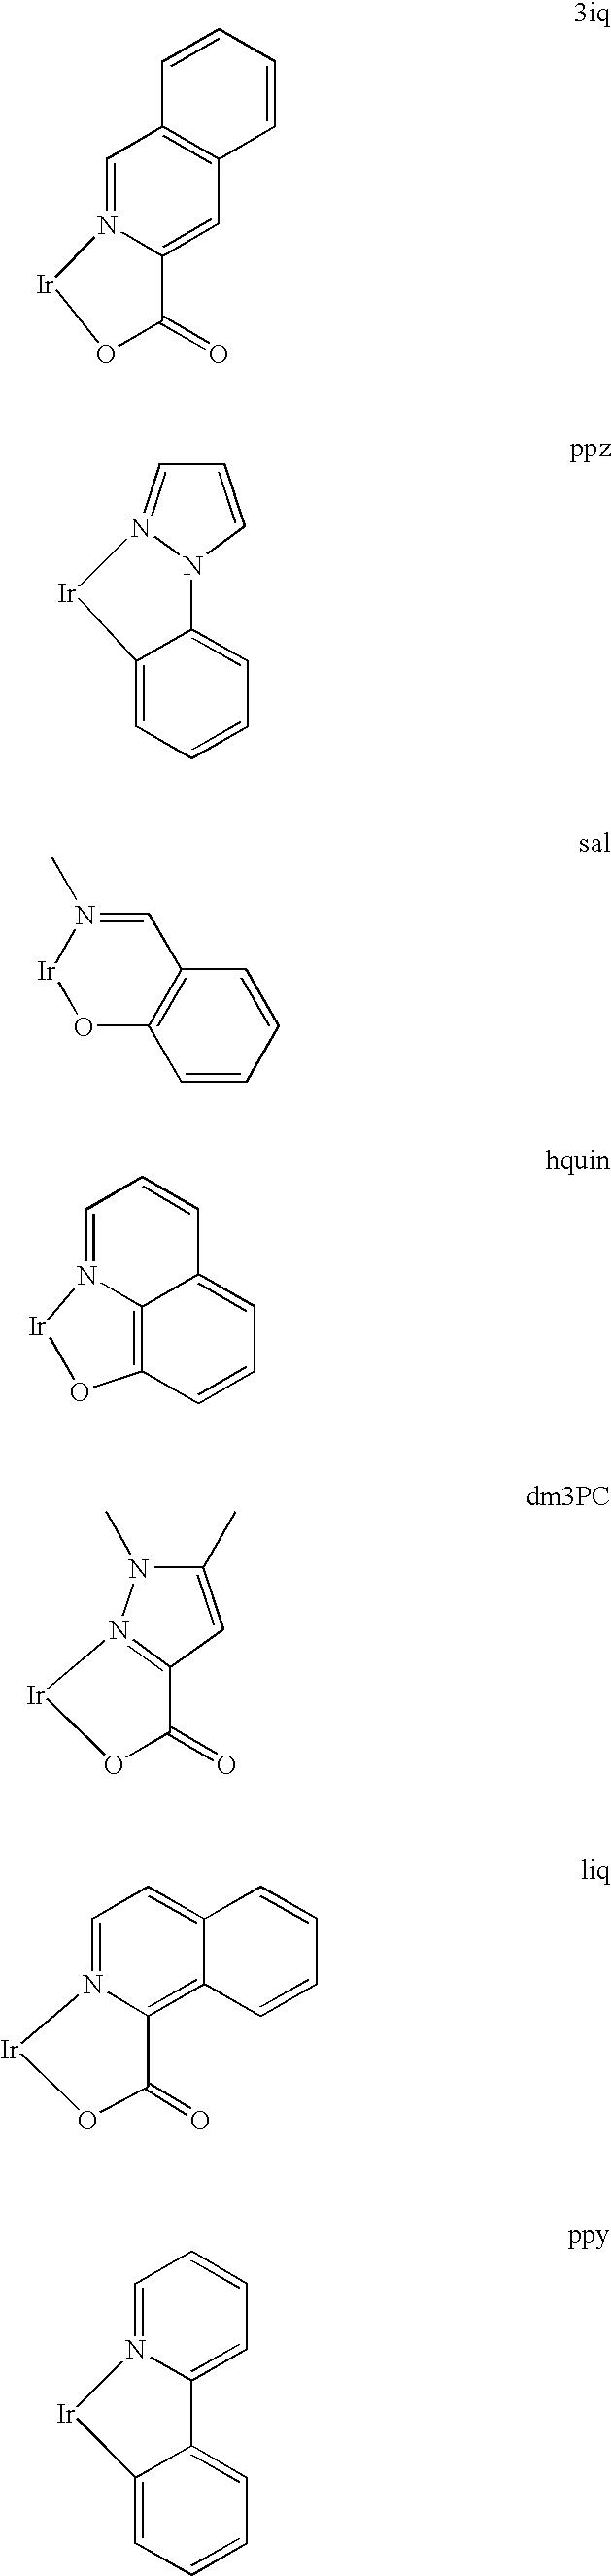 Figure US20050031903A1-20050210-C00020